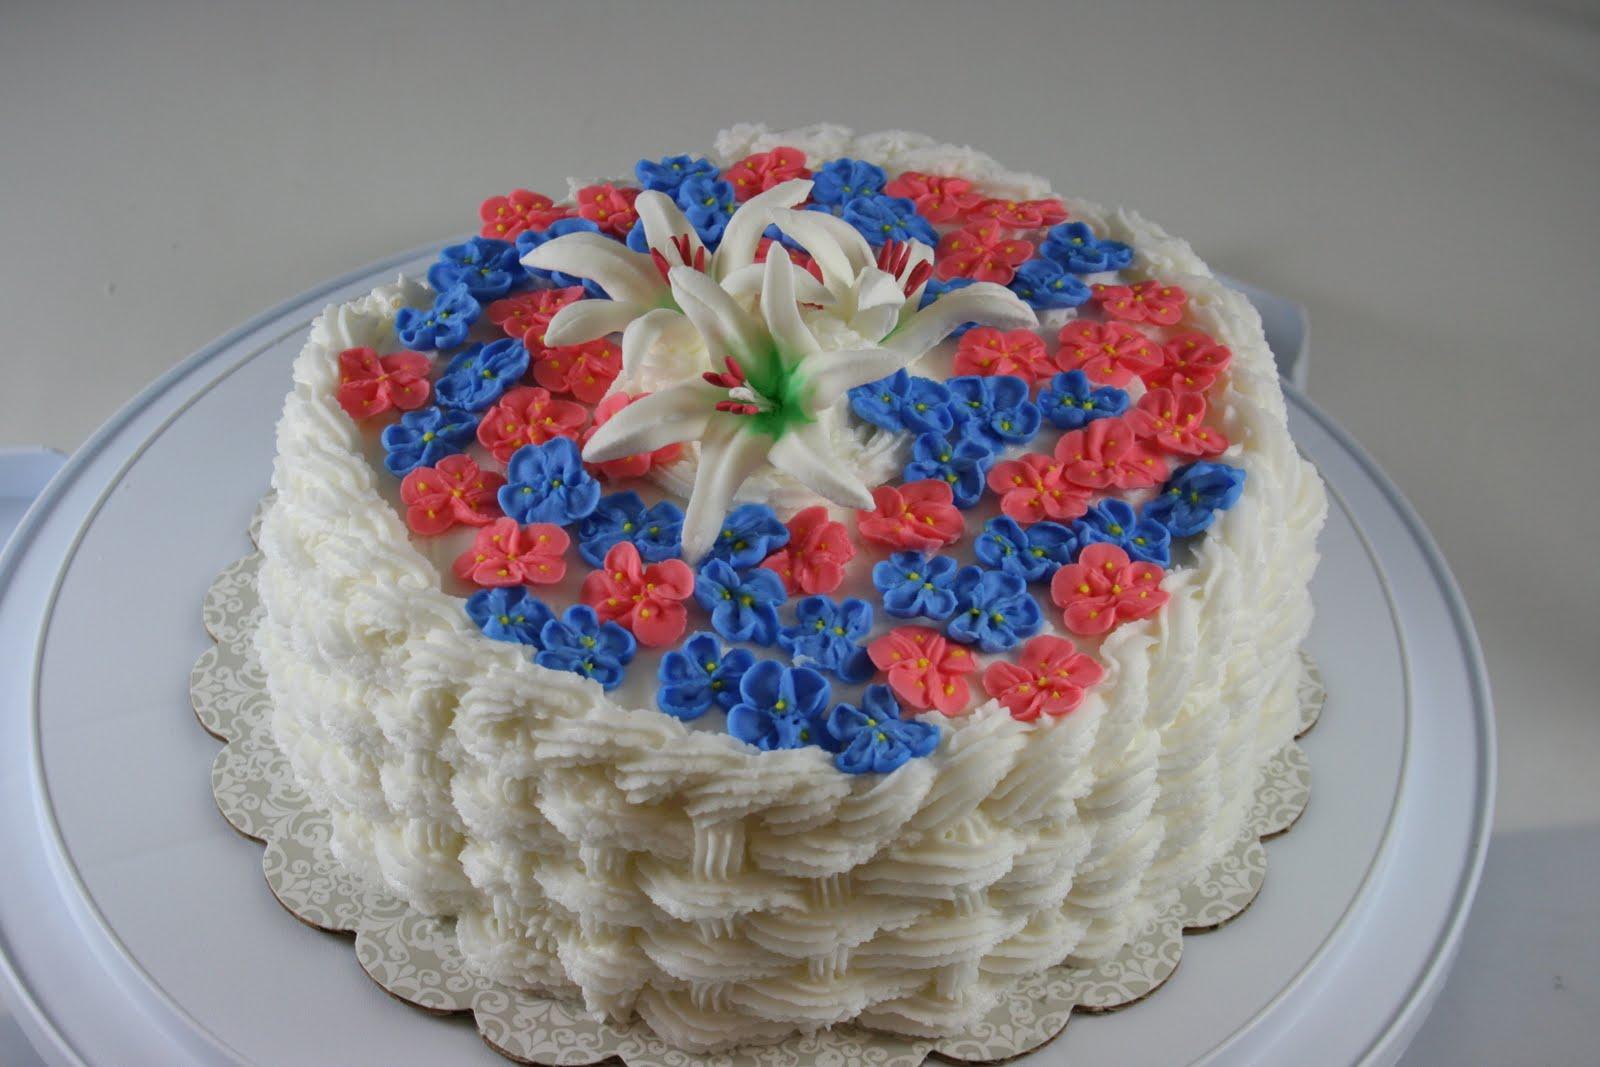 Cake Art By Jen : Cake Art by Jen